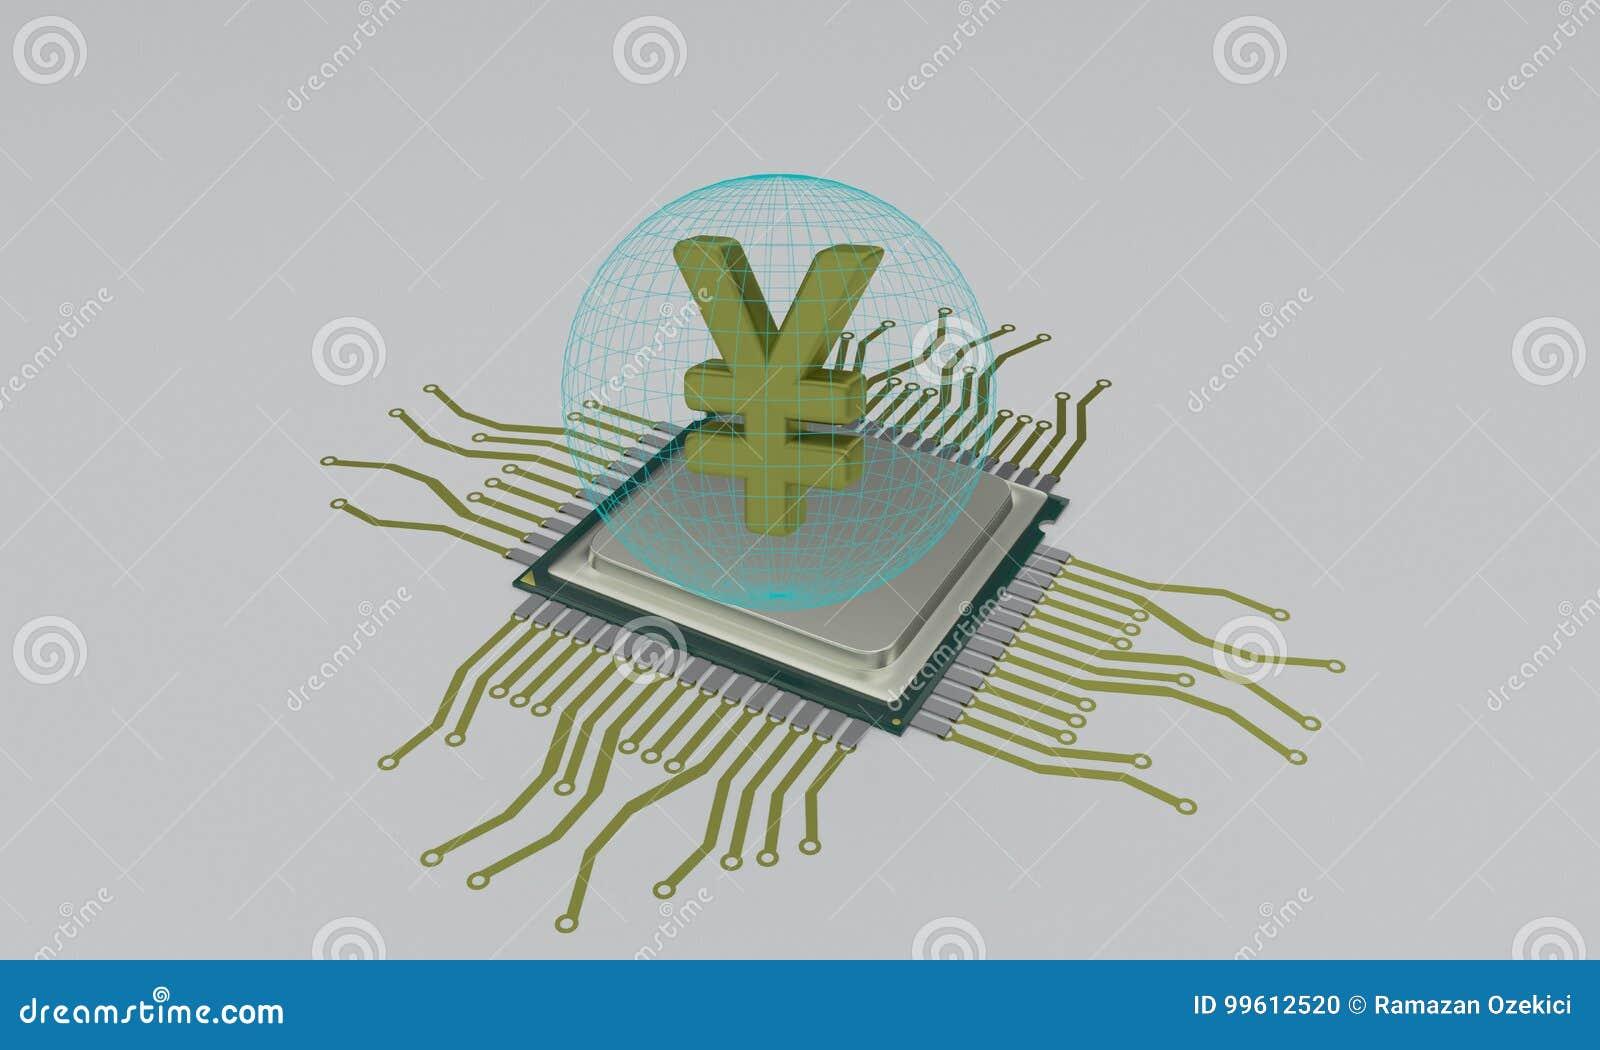 Cpu circuit diagram and yen, 3d